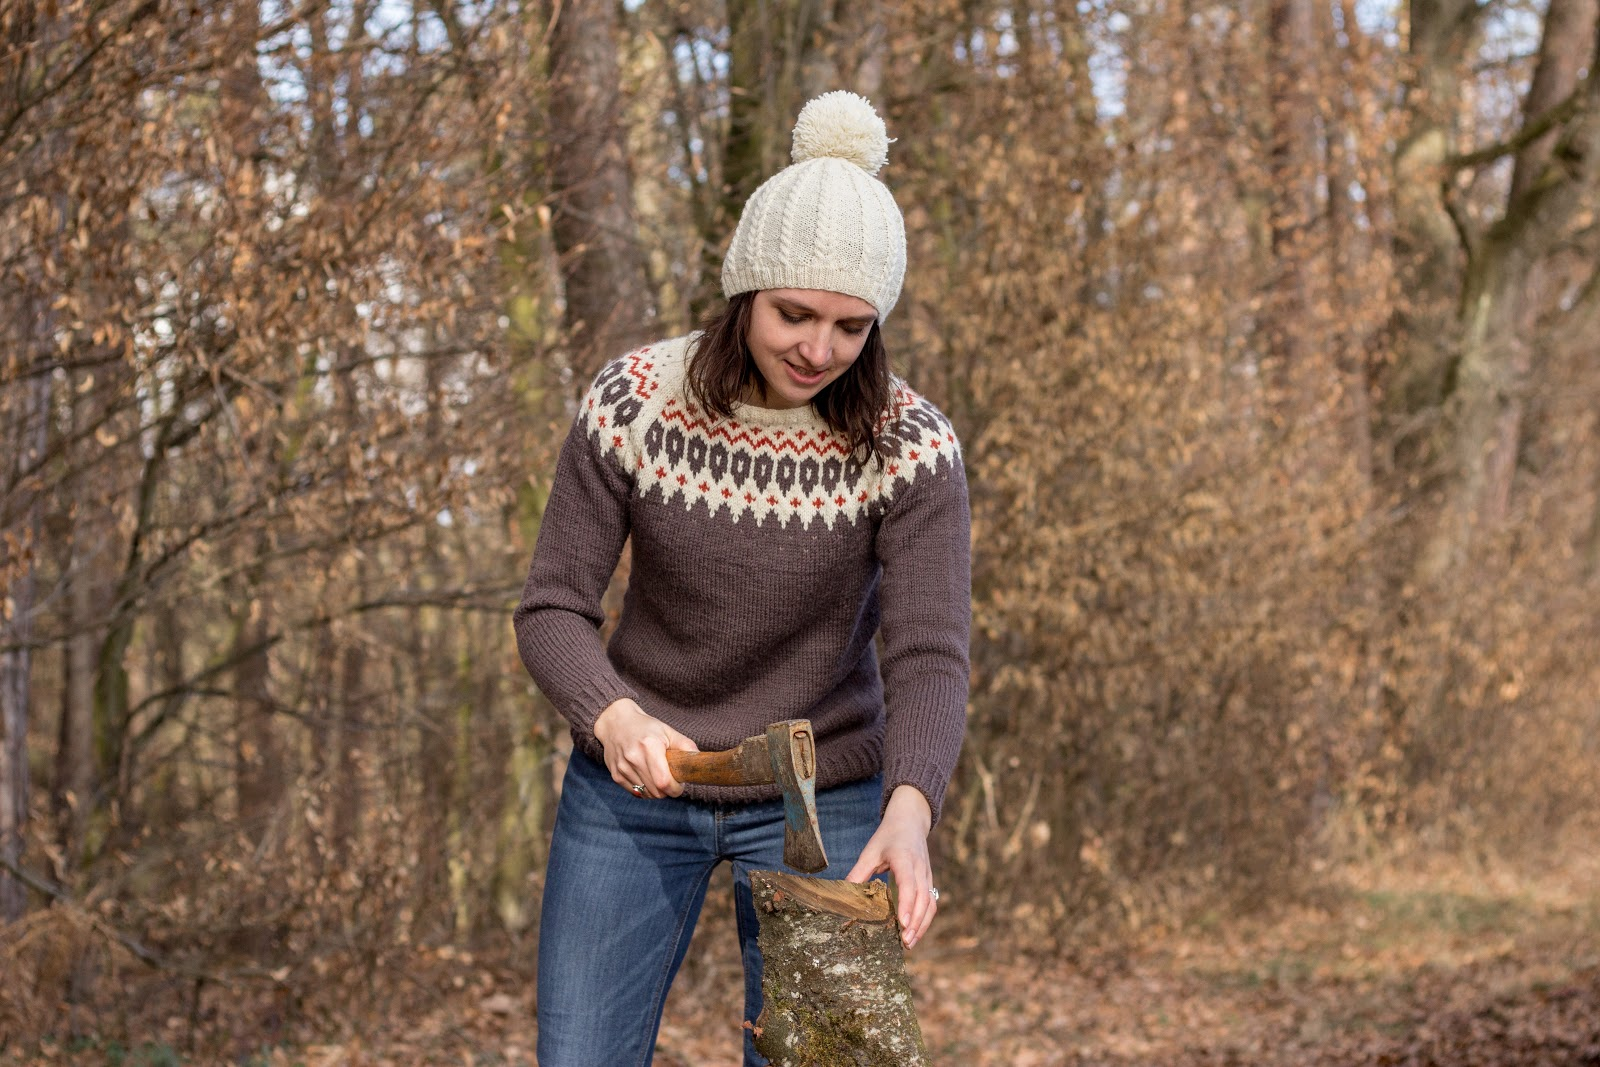 Strickpullover mit Jacquardmuster und Raglan - Pullover mit Norwegermuster - kostenlose Anleitung von Garnstudio/DROPS Design - #dropsdesign